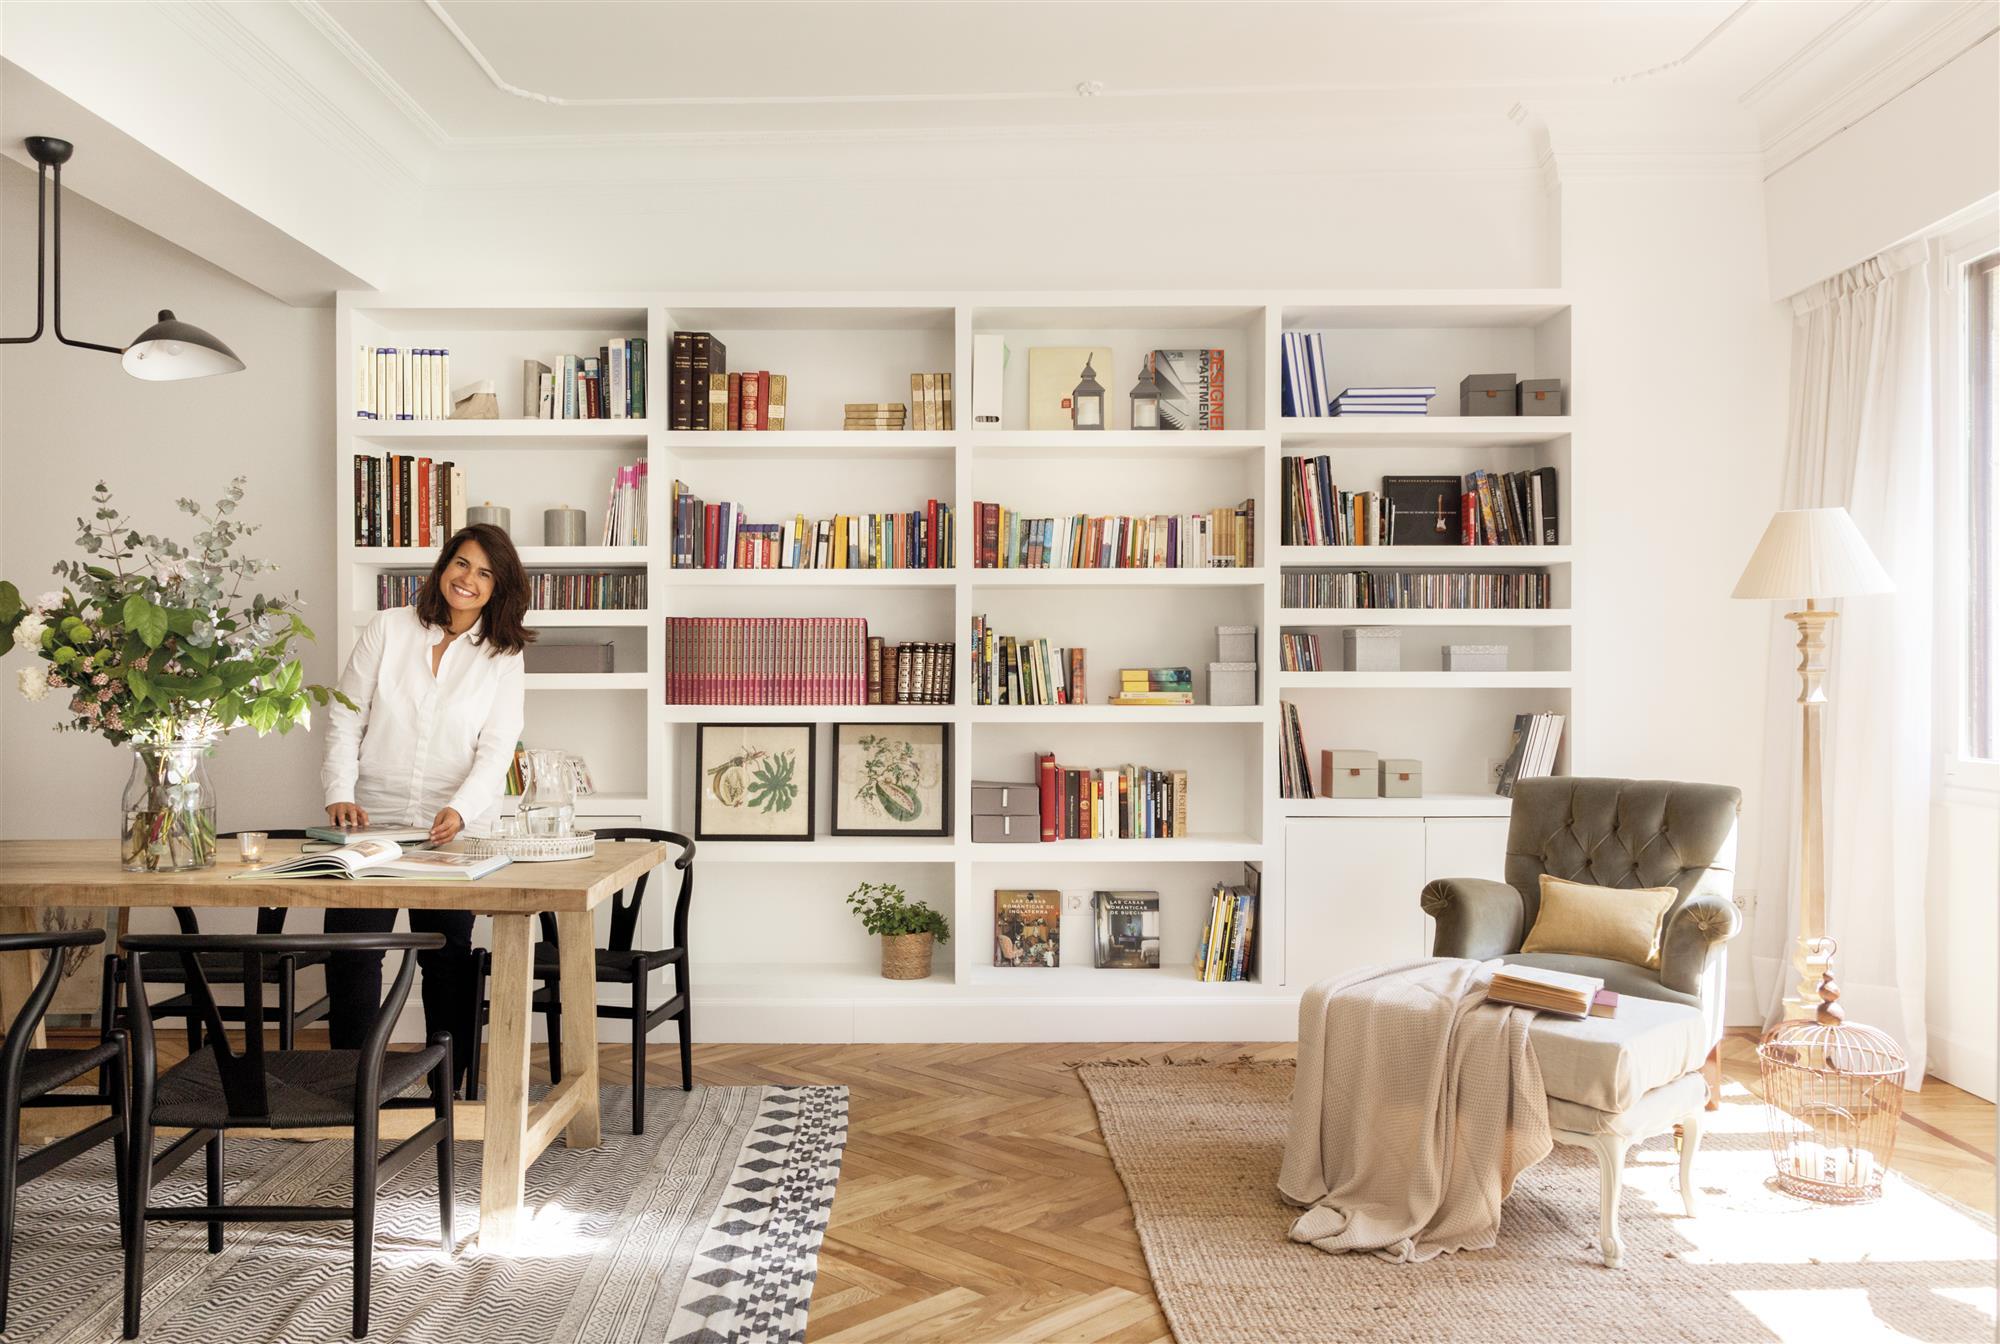 Librer as de todos los estilos en el mueble - Librerias estanterias modernas ...